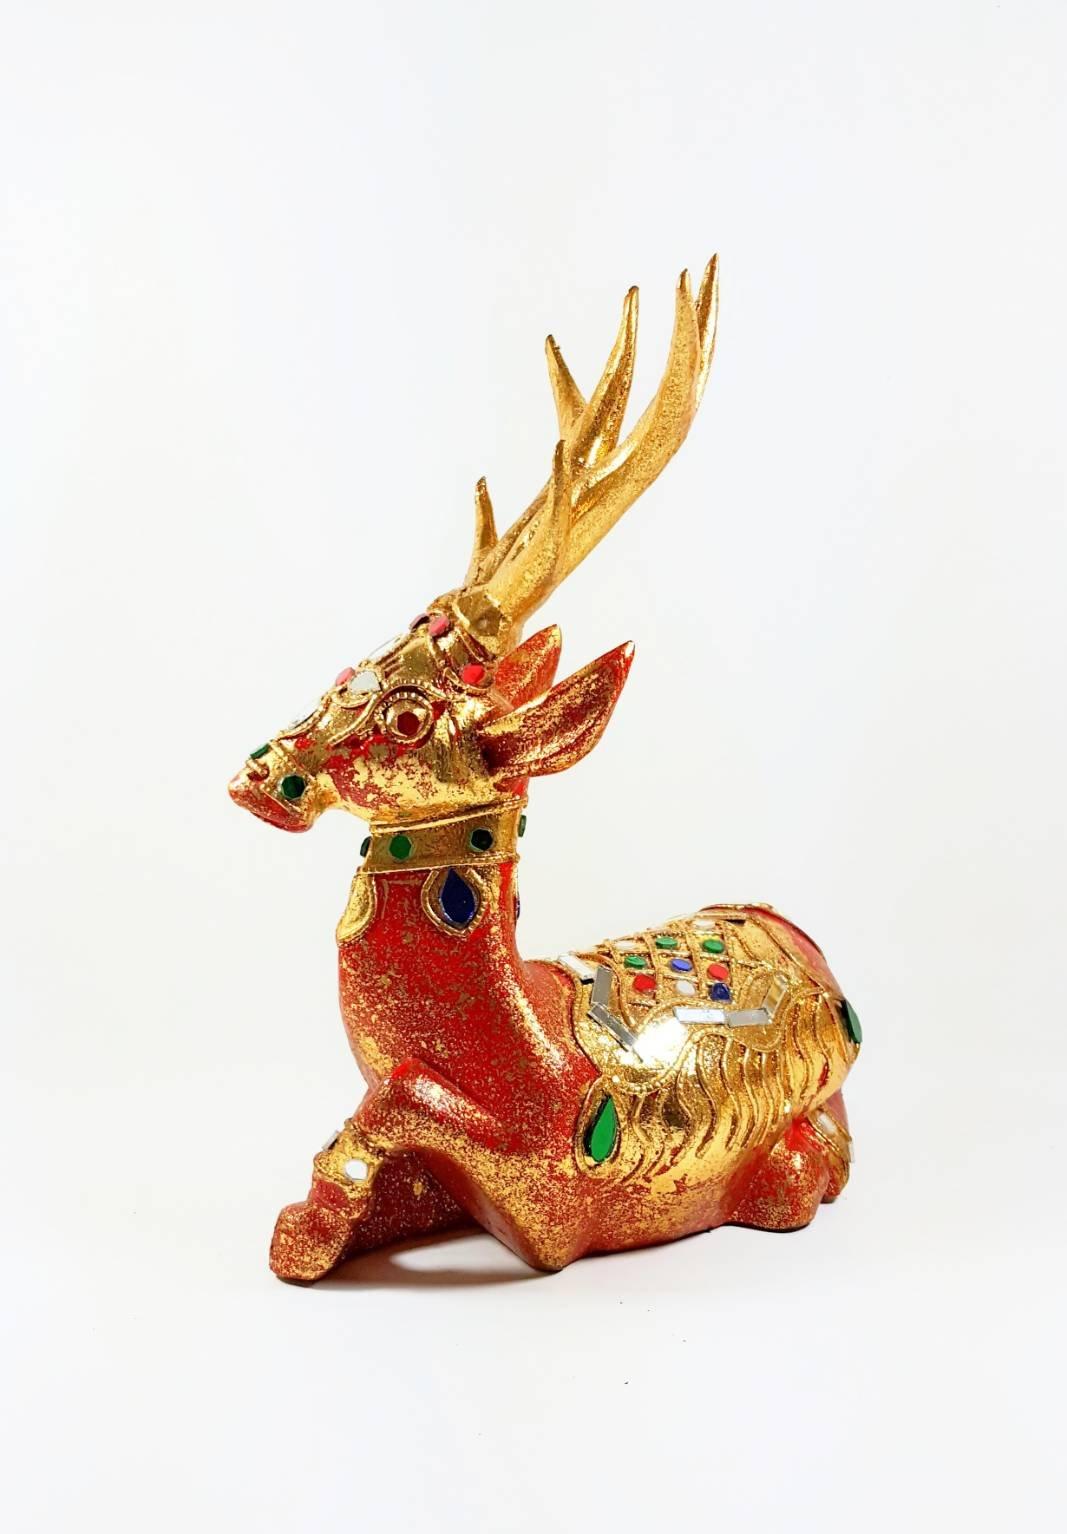 Phanara Deer W.8cm. L.18cm. H.23cm.